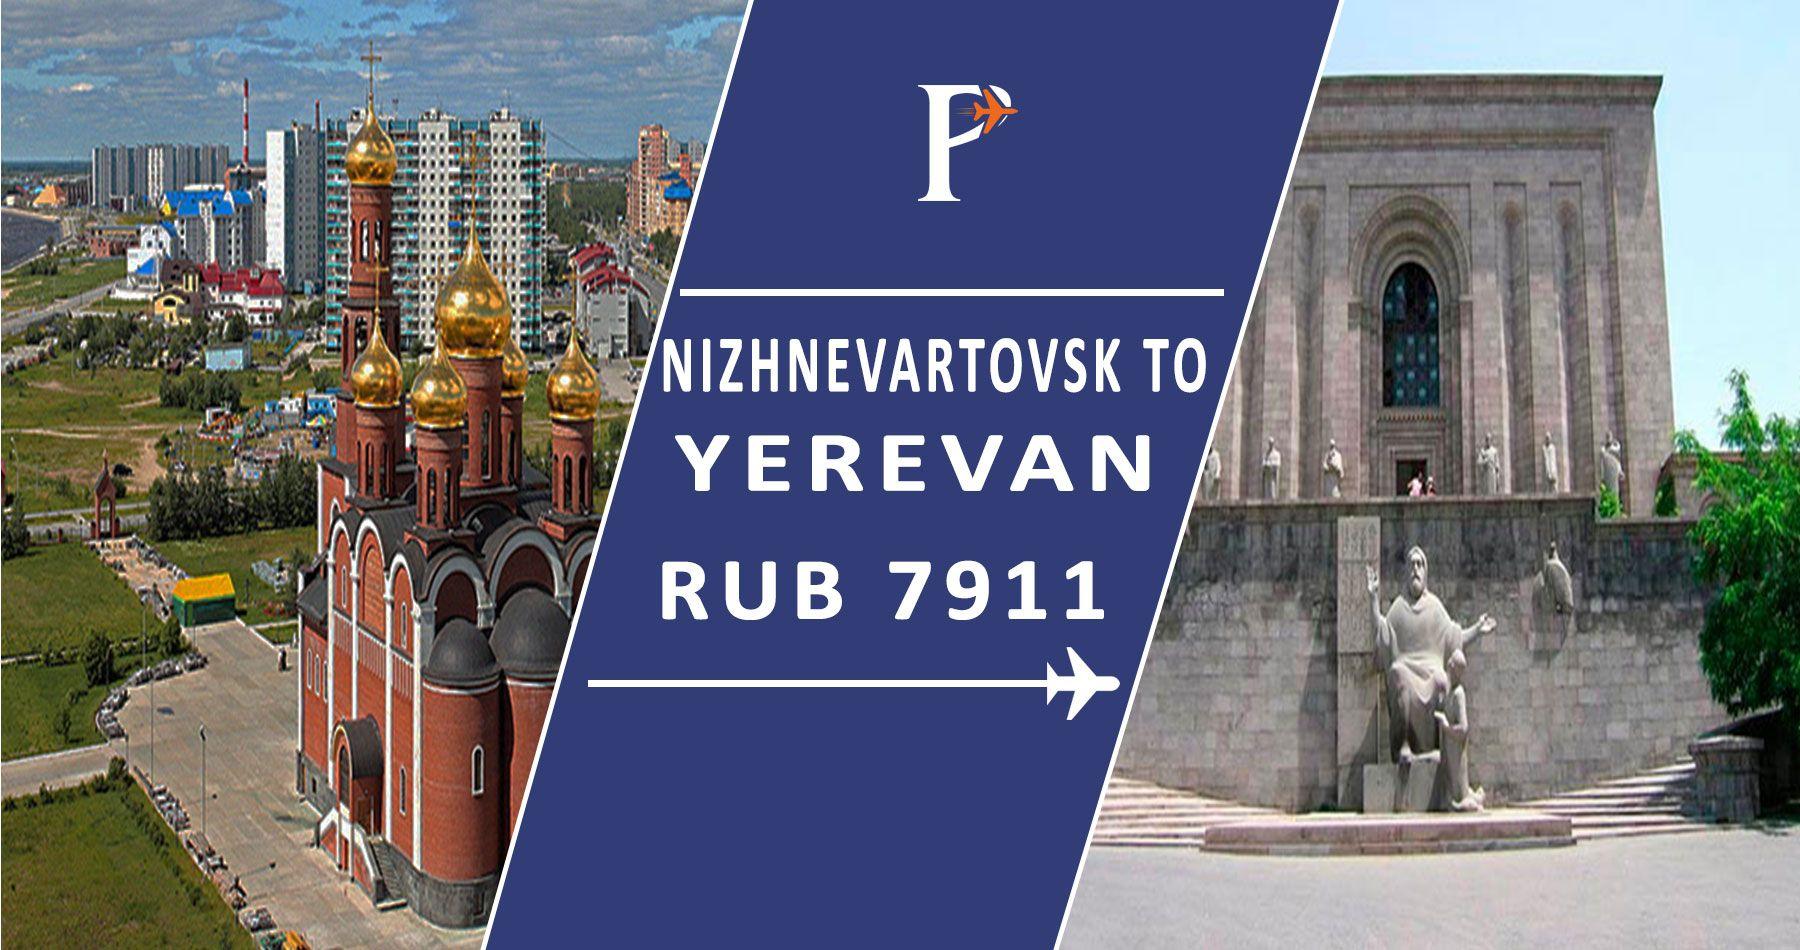 Flights from Nizhnevartovsk, Russia (NJC) to Yerevan